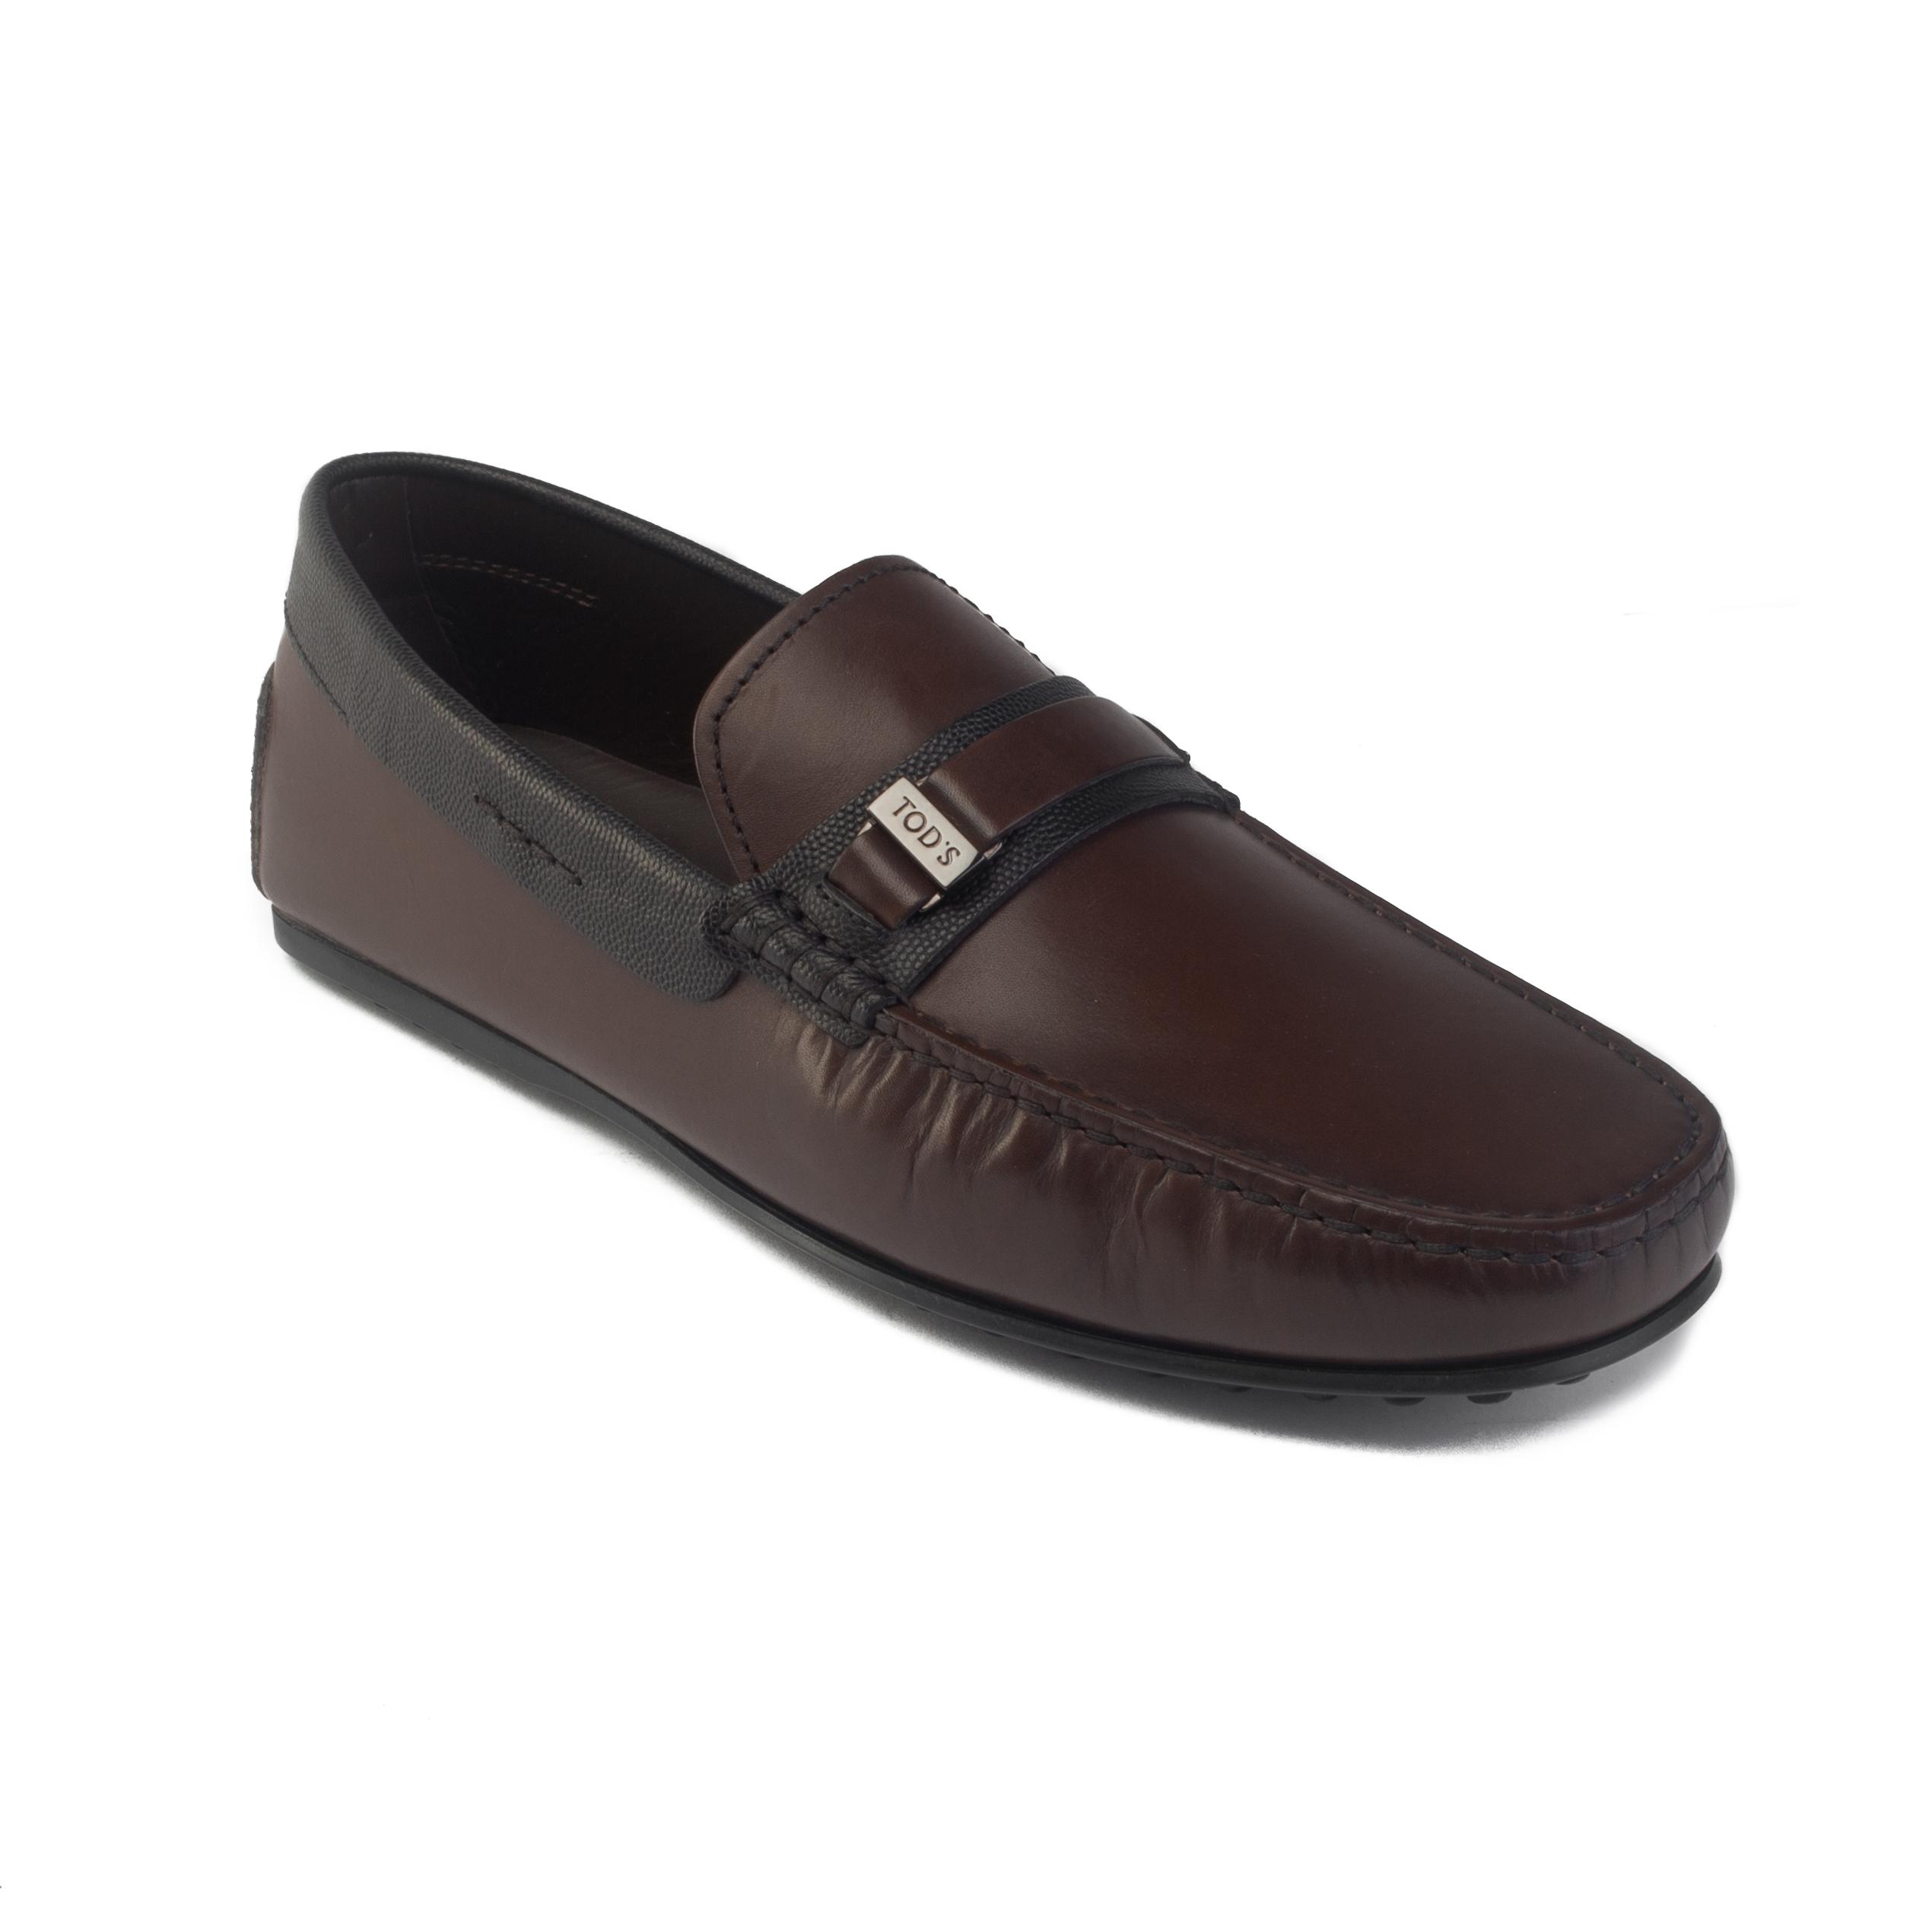 sensation de confort nouveau style de professionnel de la vente à chaud Détails sur Tod's Homme Cuir Gommino Mocassins Conduite Chaussures Marron